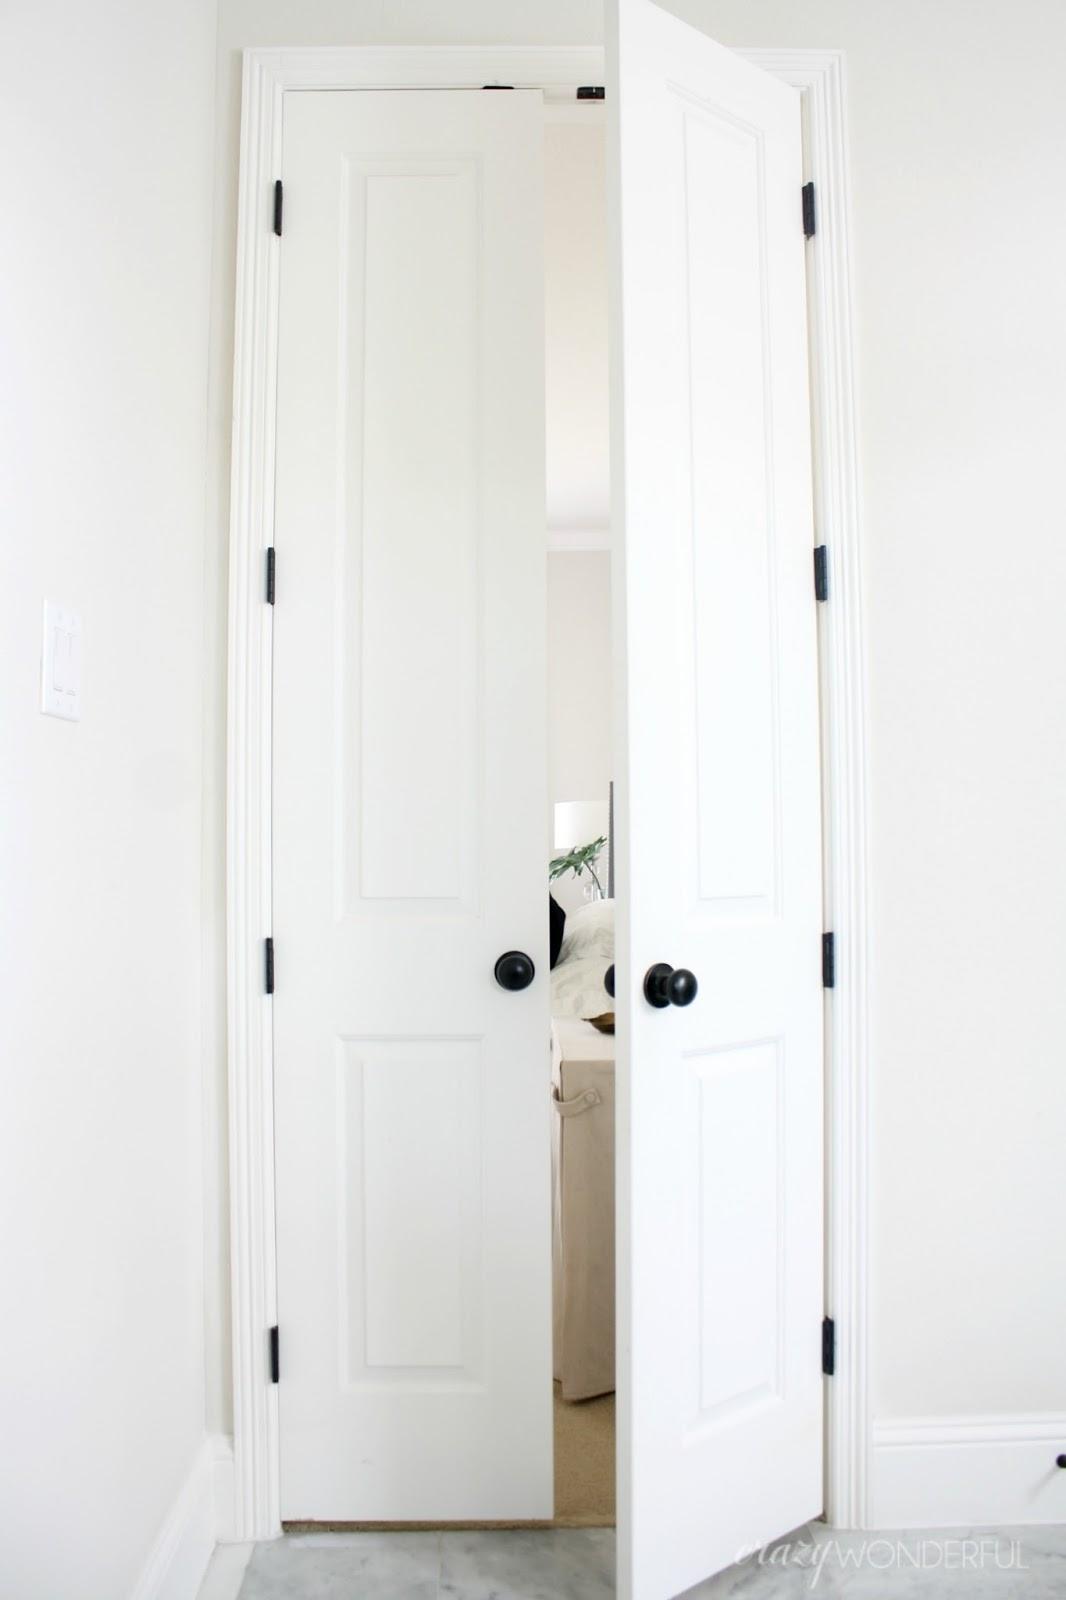 Black Door Hinges Installed Crazy Wonderful - Bathroom door hinges